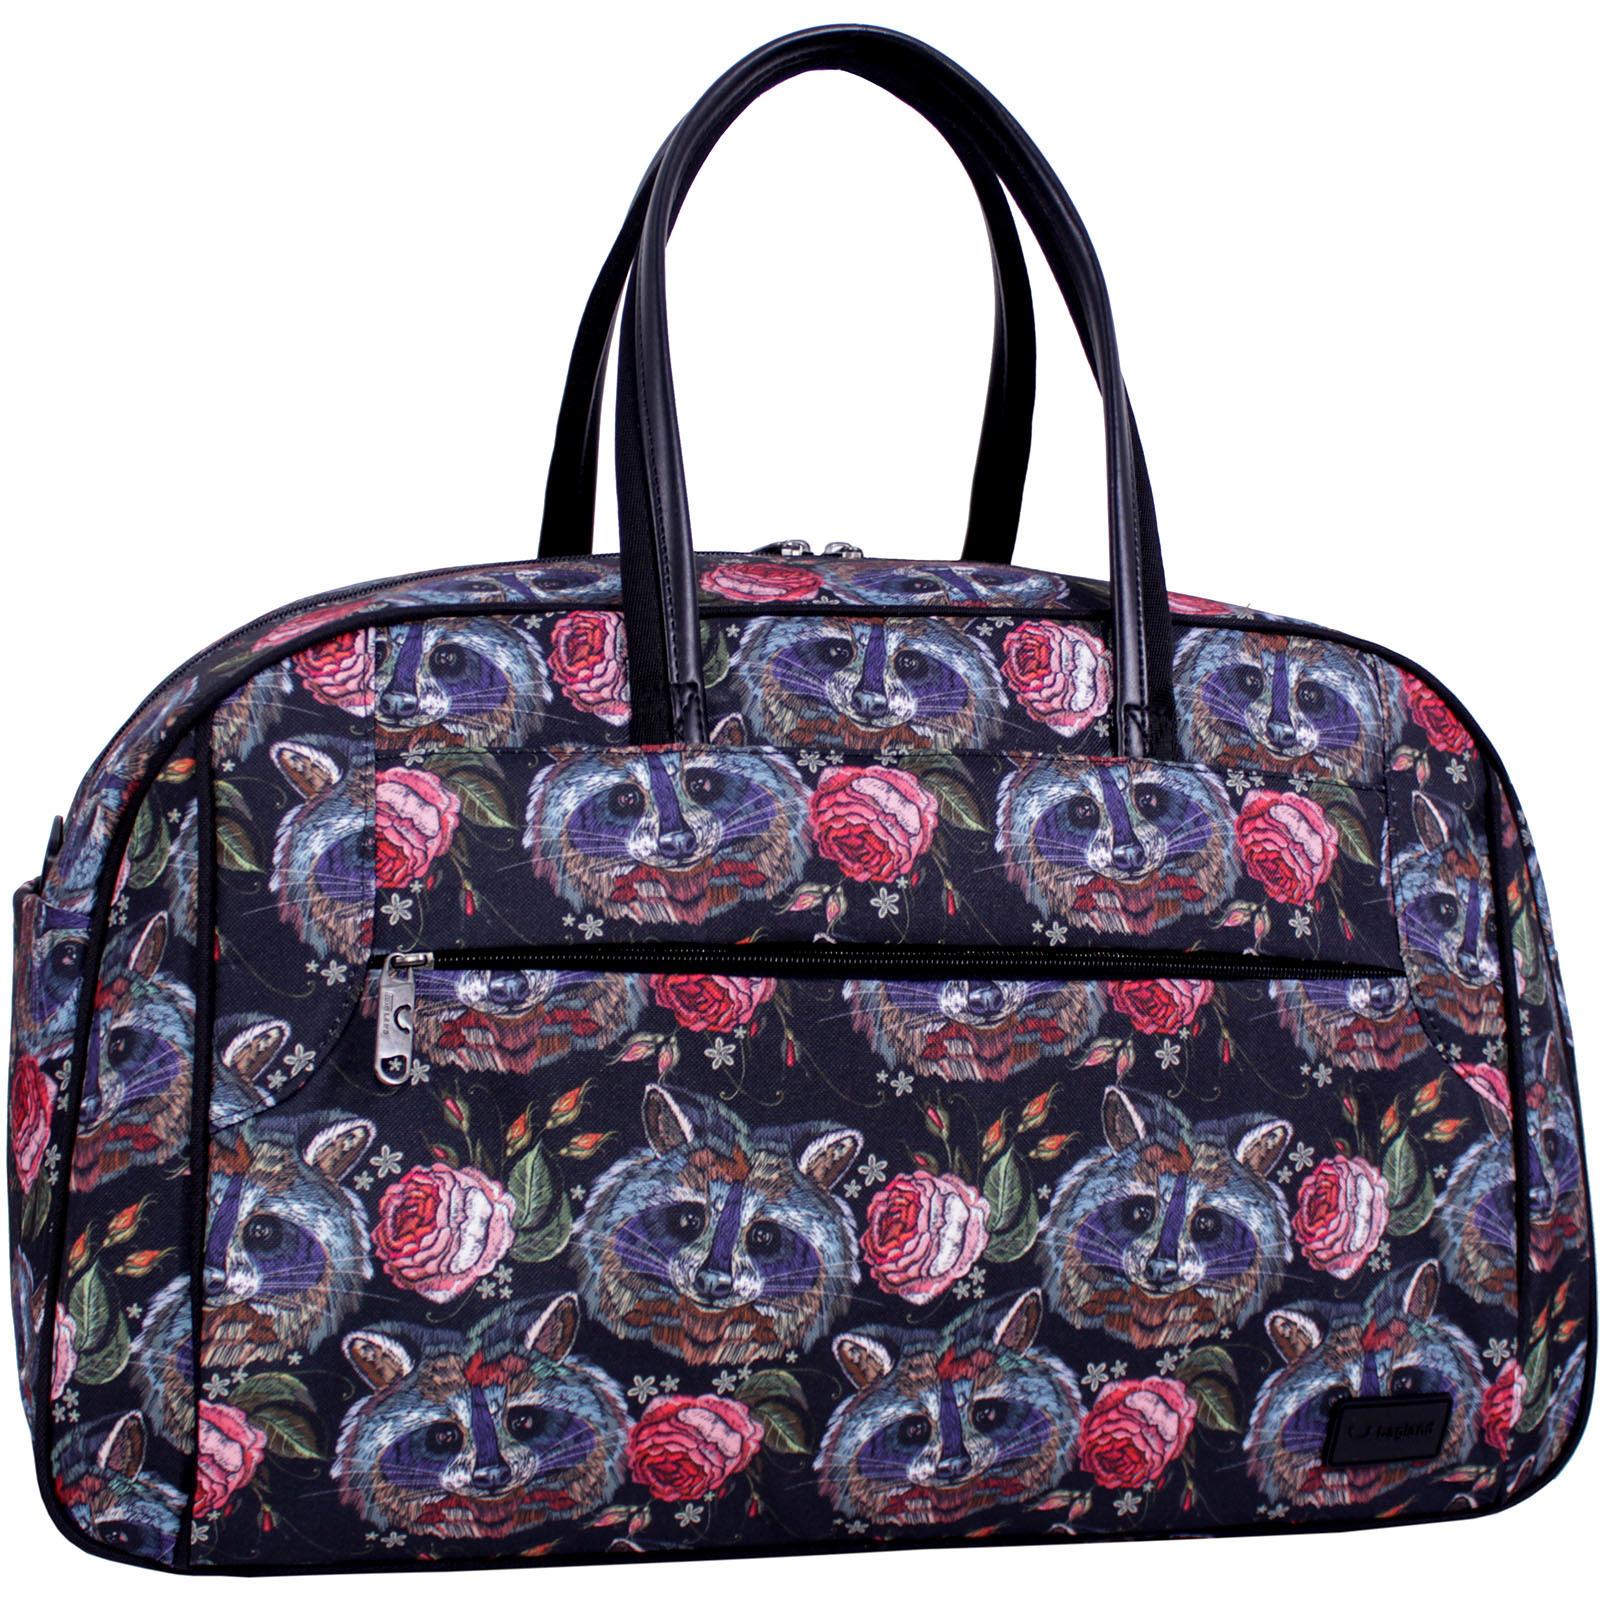 Дорожные сумки Сумка Bagland Тунис 34 л. Сублимация 477 (00390664) IMG_6872_суб.477_.JPG